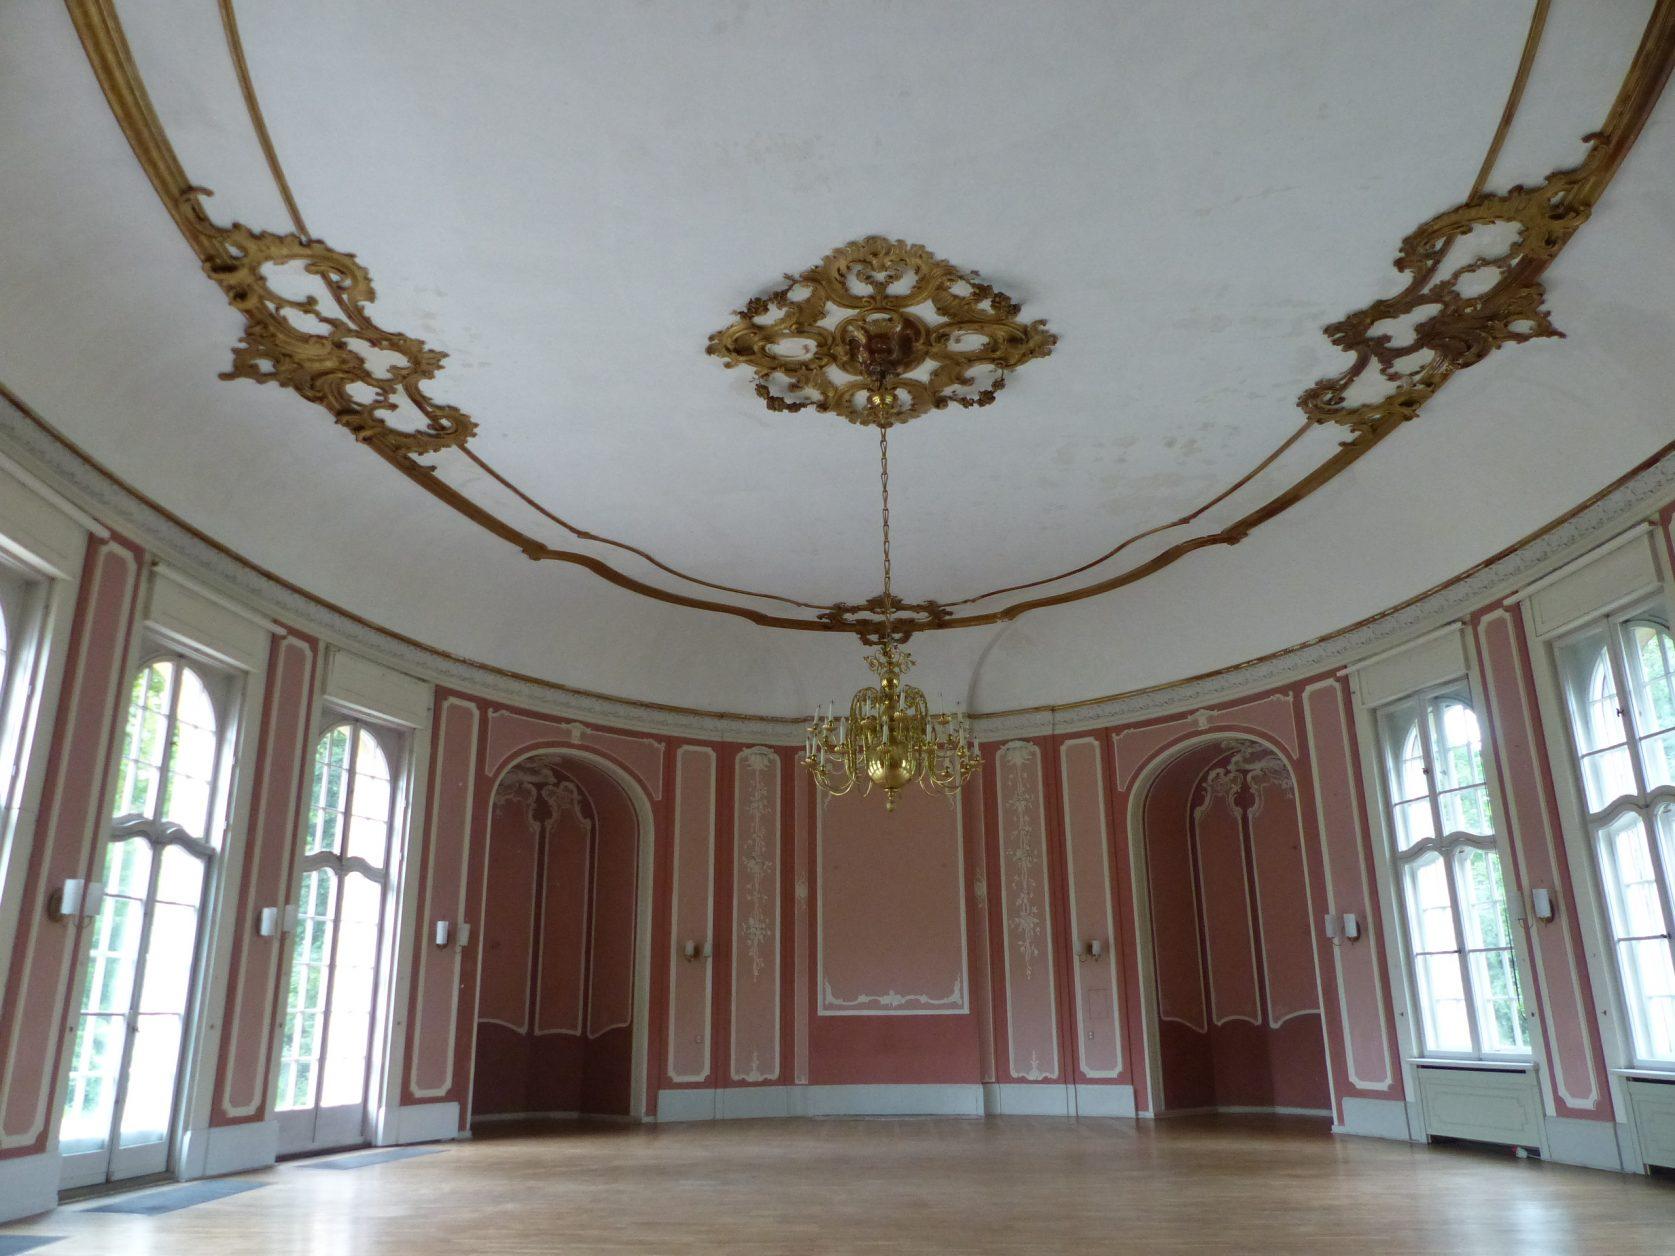 Blick in den Tanzsaal im Schloss Marquardt, Foto: D.Weirauch